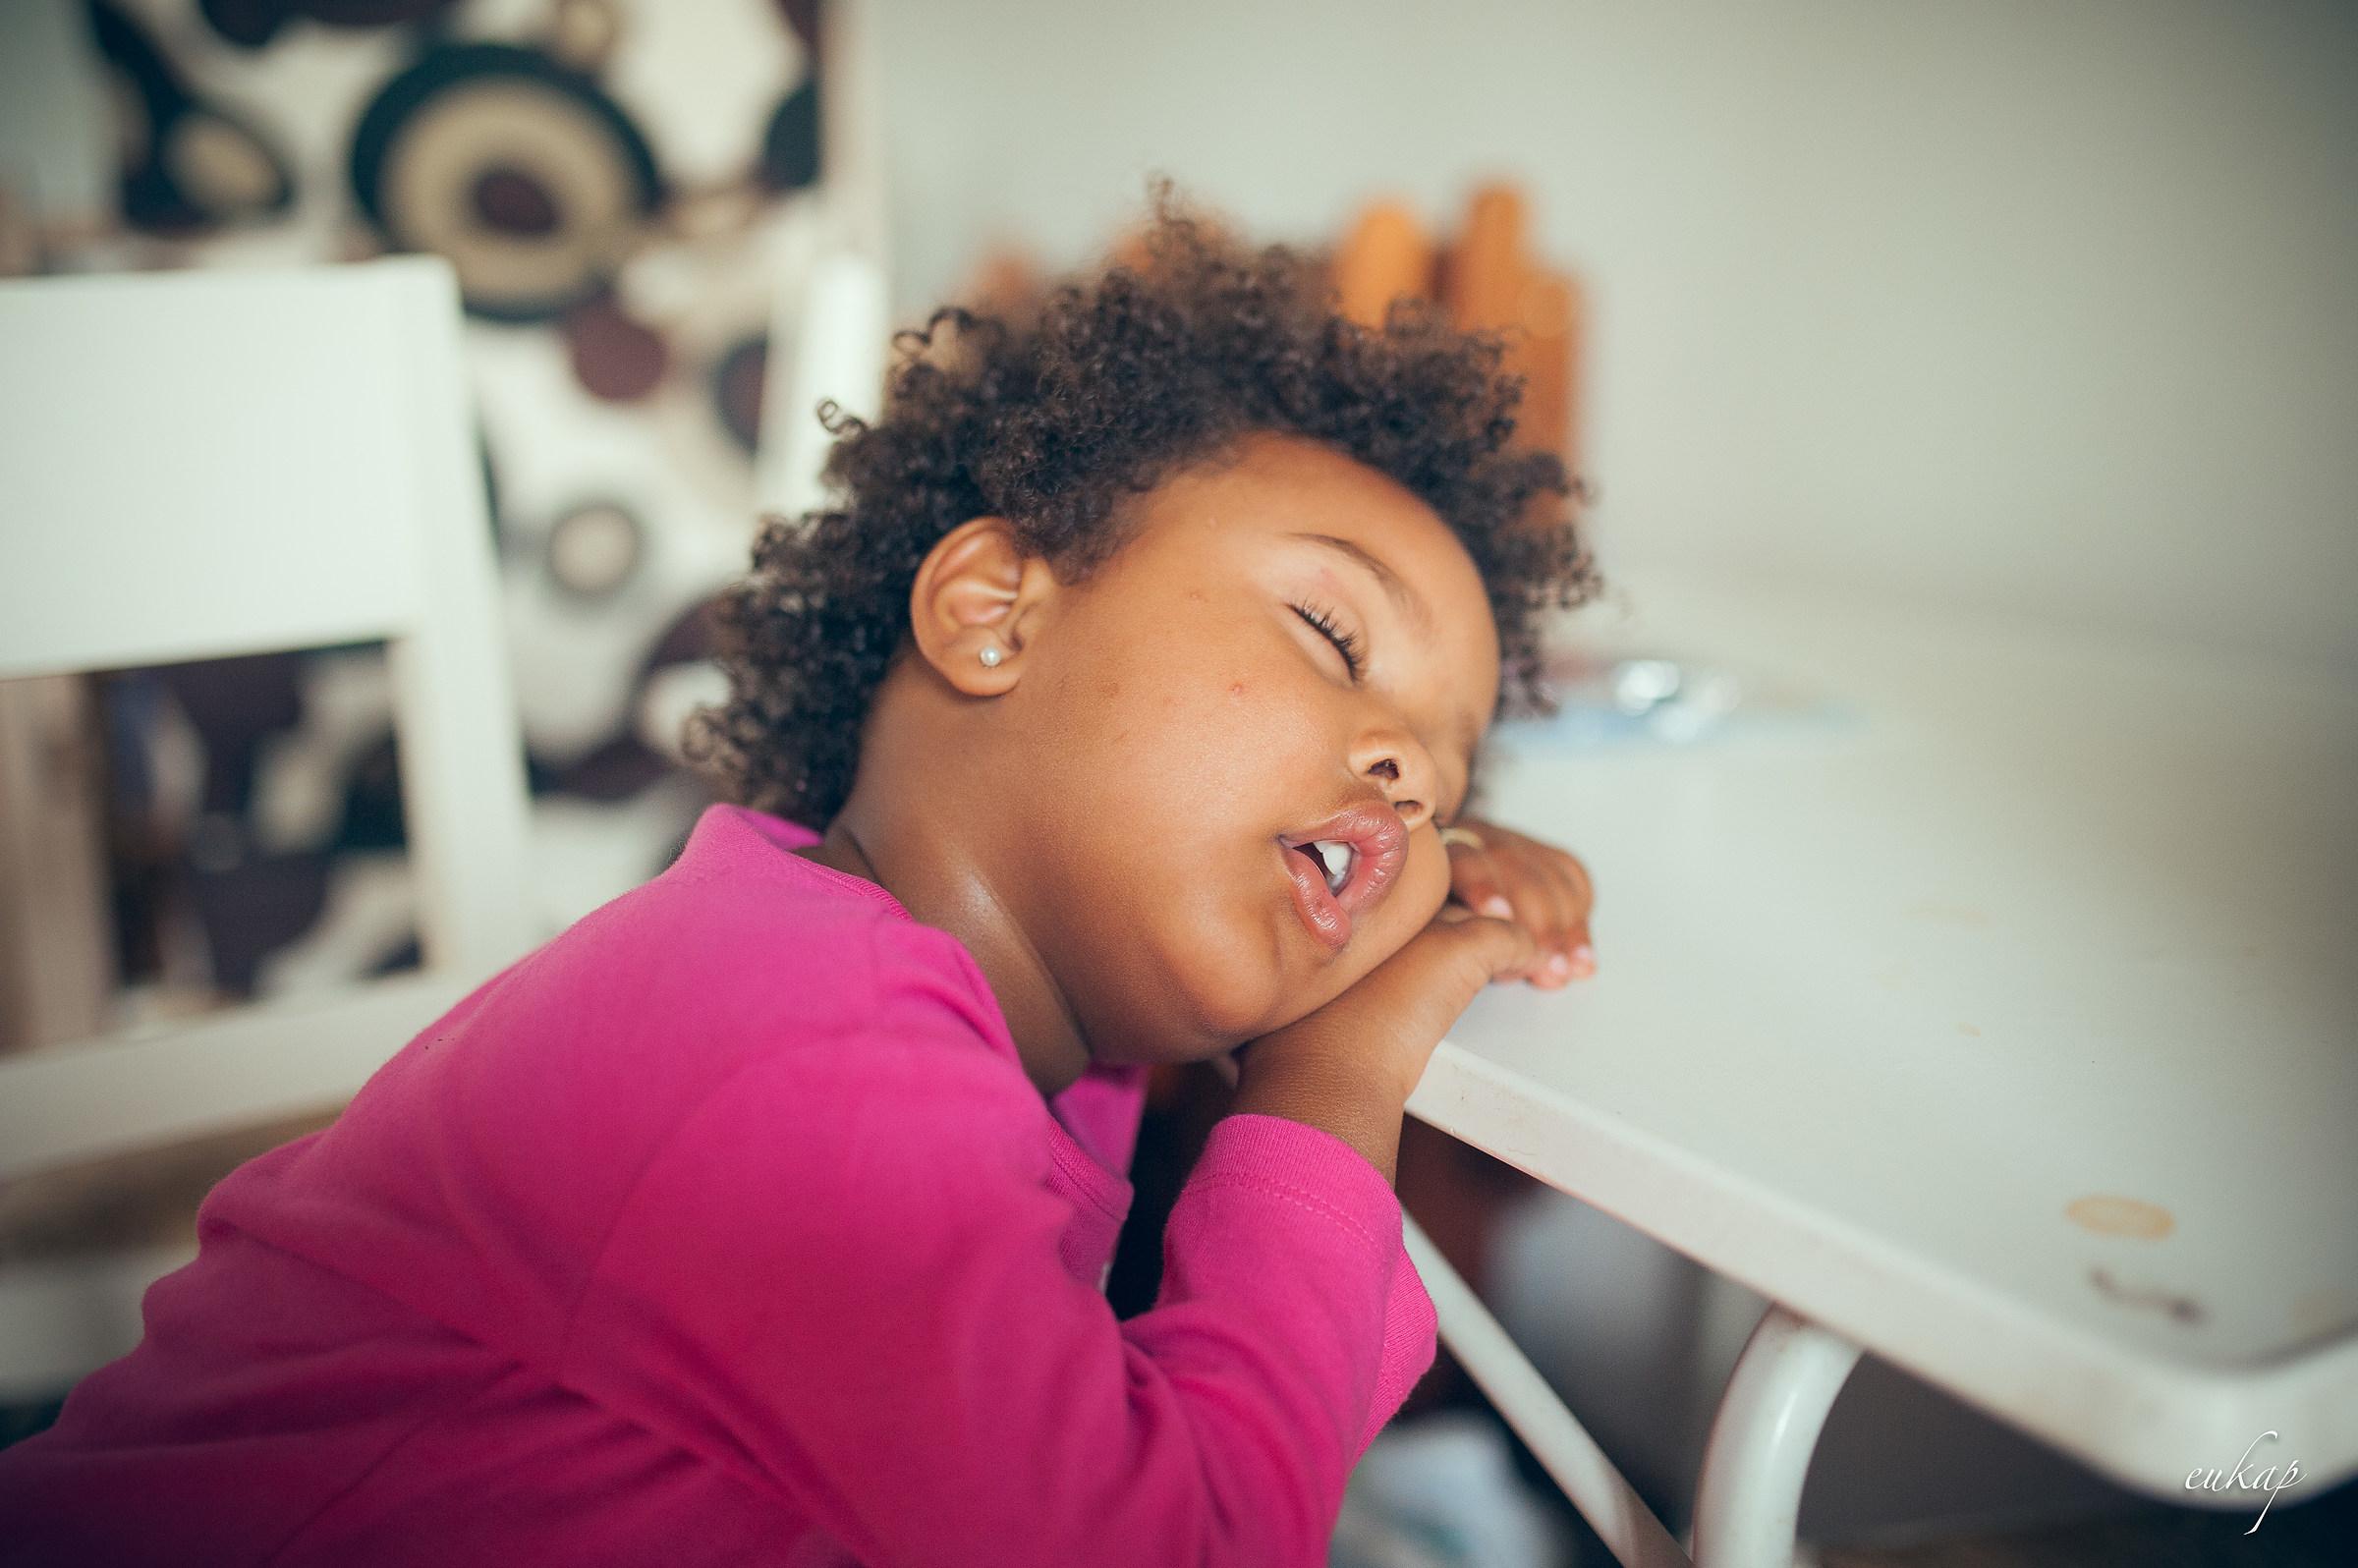 La bella addormentata...